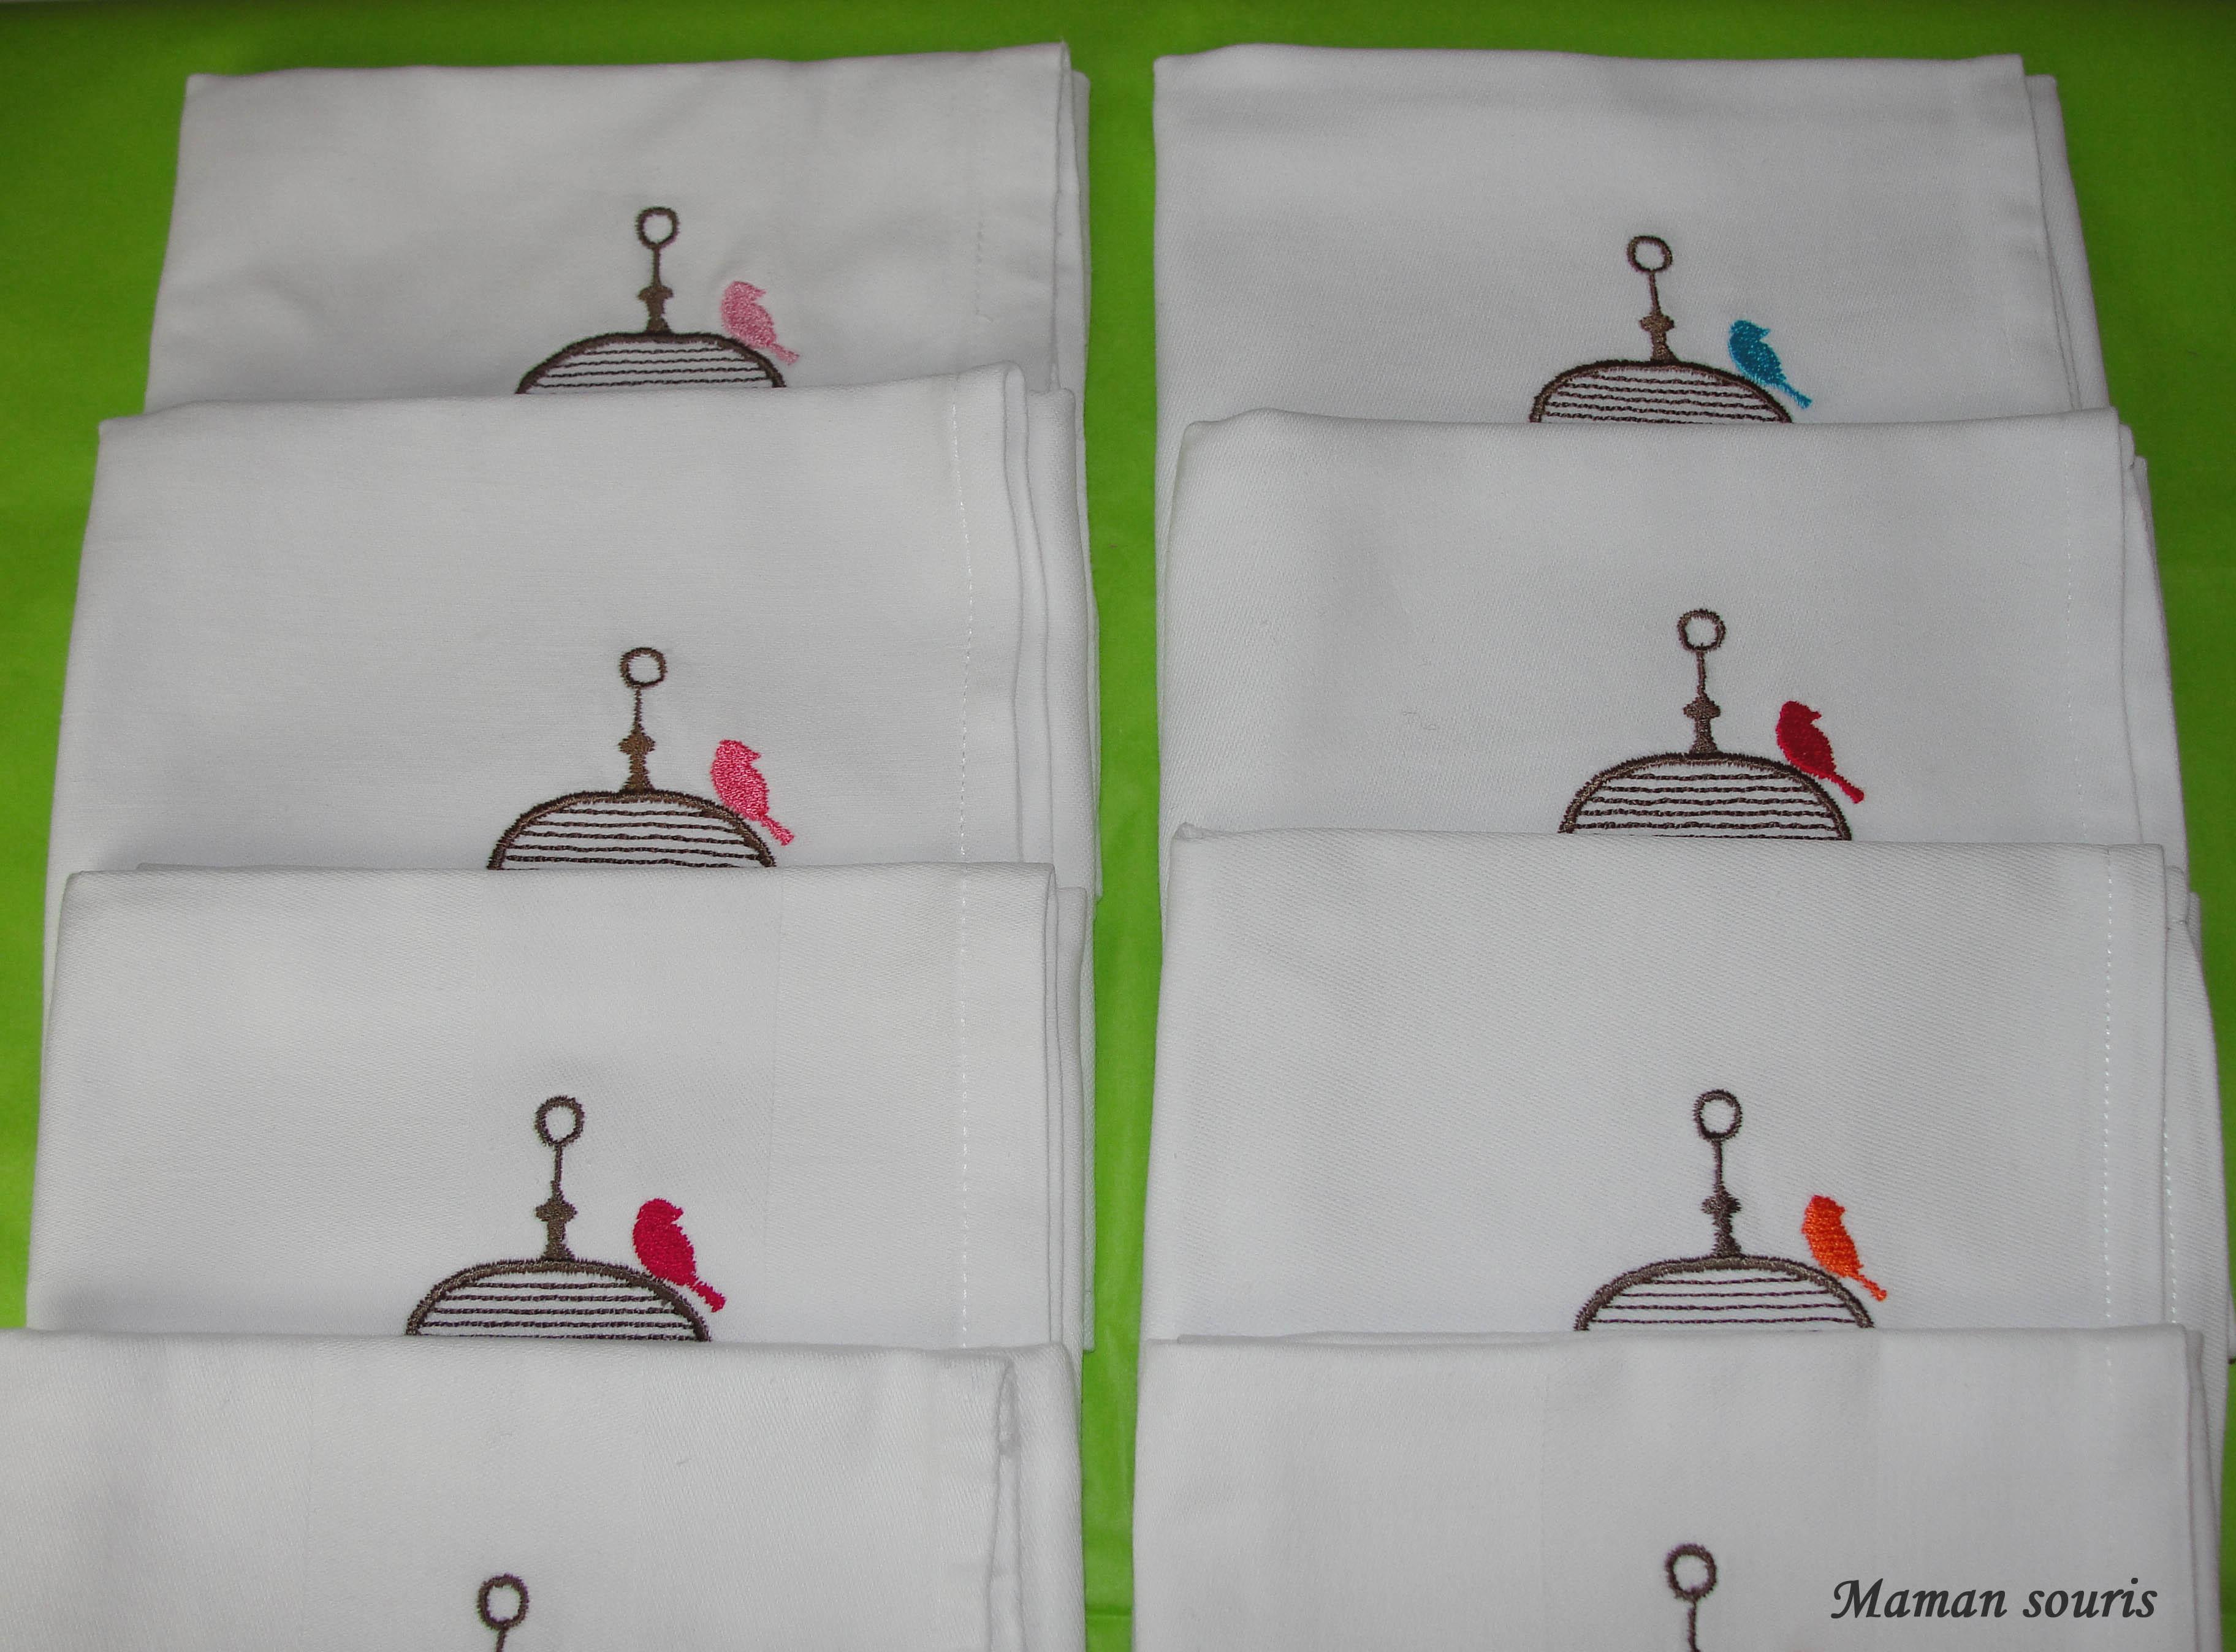 Les serviettes de table maman souris - La cocotte a carreaux ...